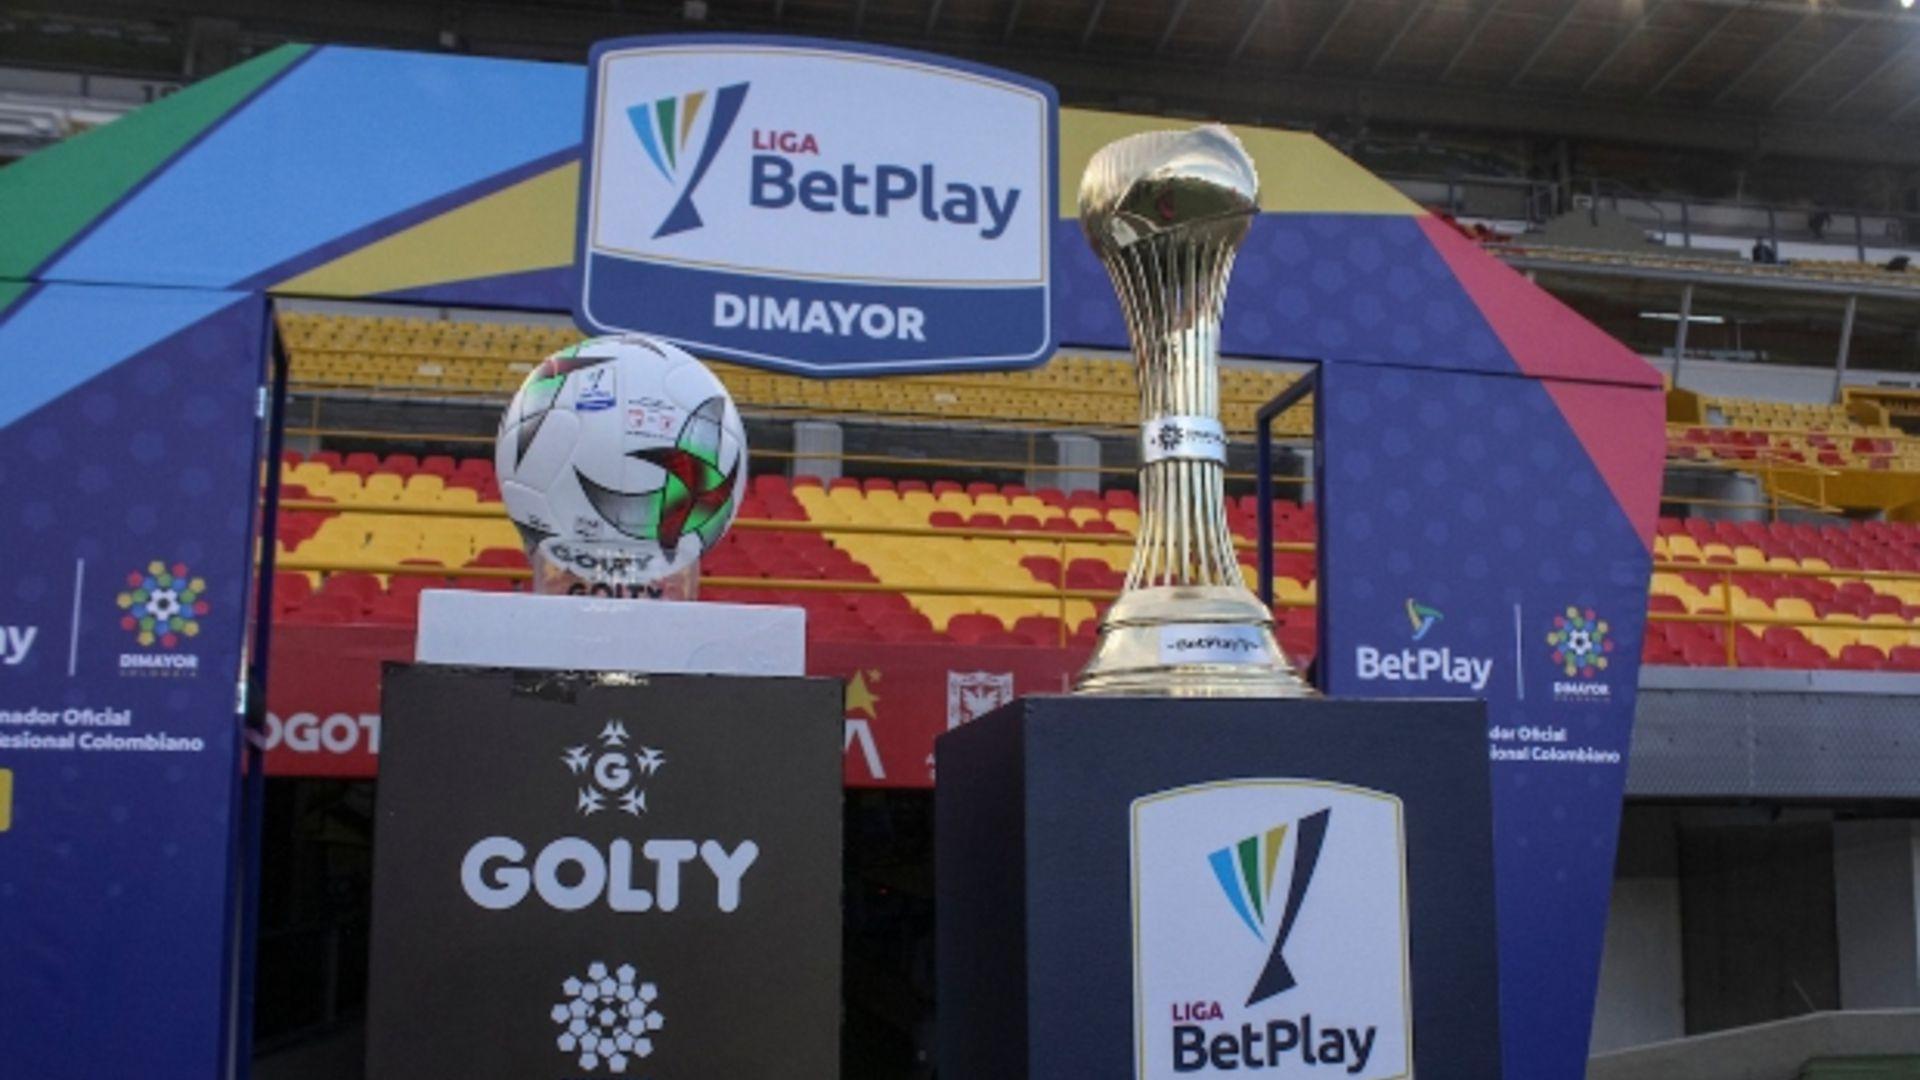 Los los partidos de cuartos de final de la Liga Betplay se llevarán a cabo, de ida, el 24 y 25 de abril, y, de vuelta, el 1 y 2 de mayo. - Dimayor.